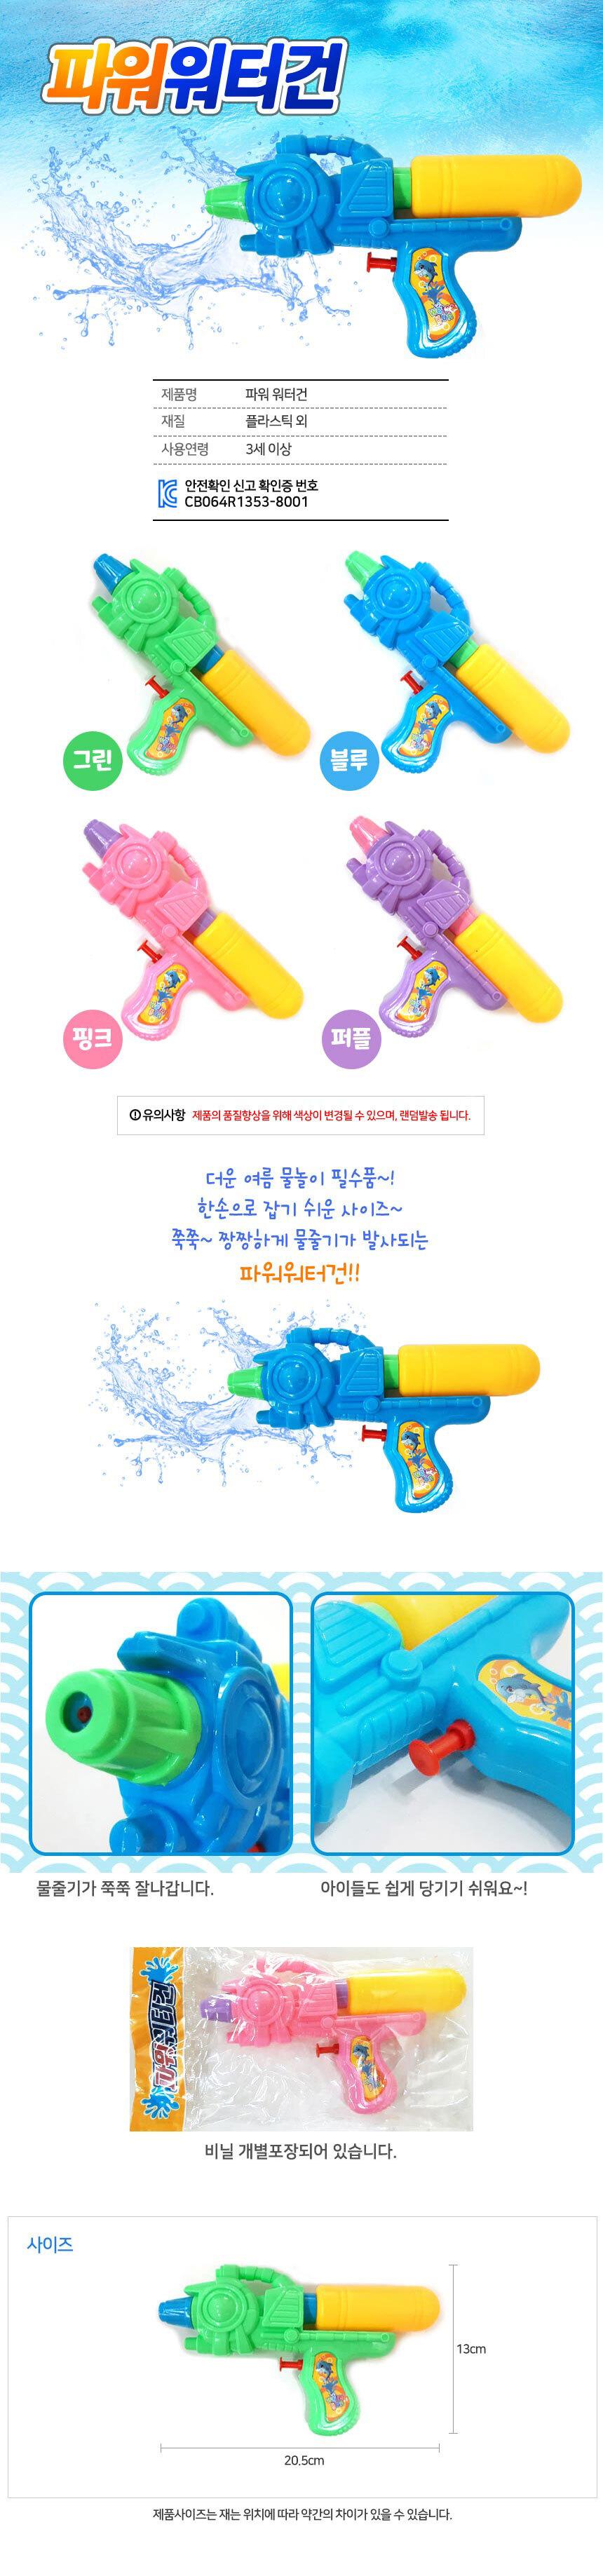 sponge_gun_9.jpg